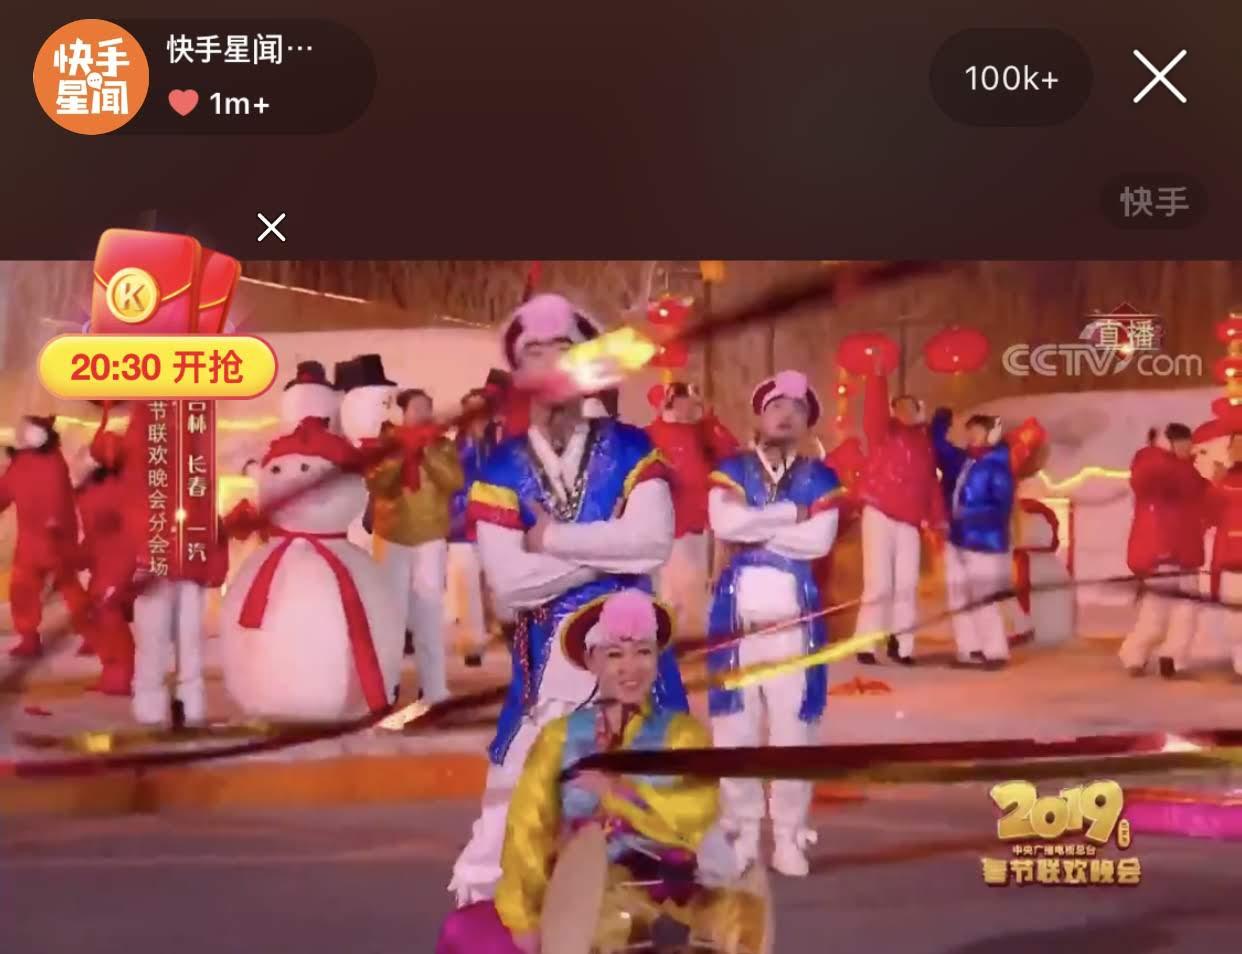 4일 중국중앙방송(CC-TV)가 방영한 2019년 설 특집 쇼 춘완 중 지린성 창춘 무대에서 조선족 동포가 한복을 입고 장구춤을 추고 있다. [CC-TV 캡처]